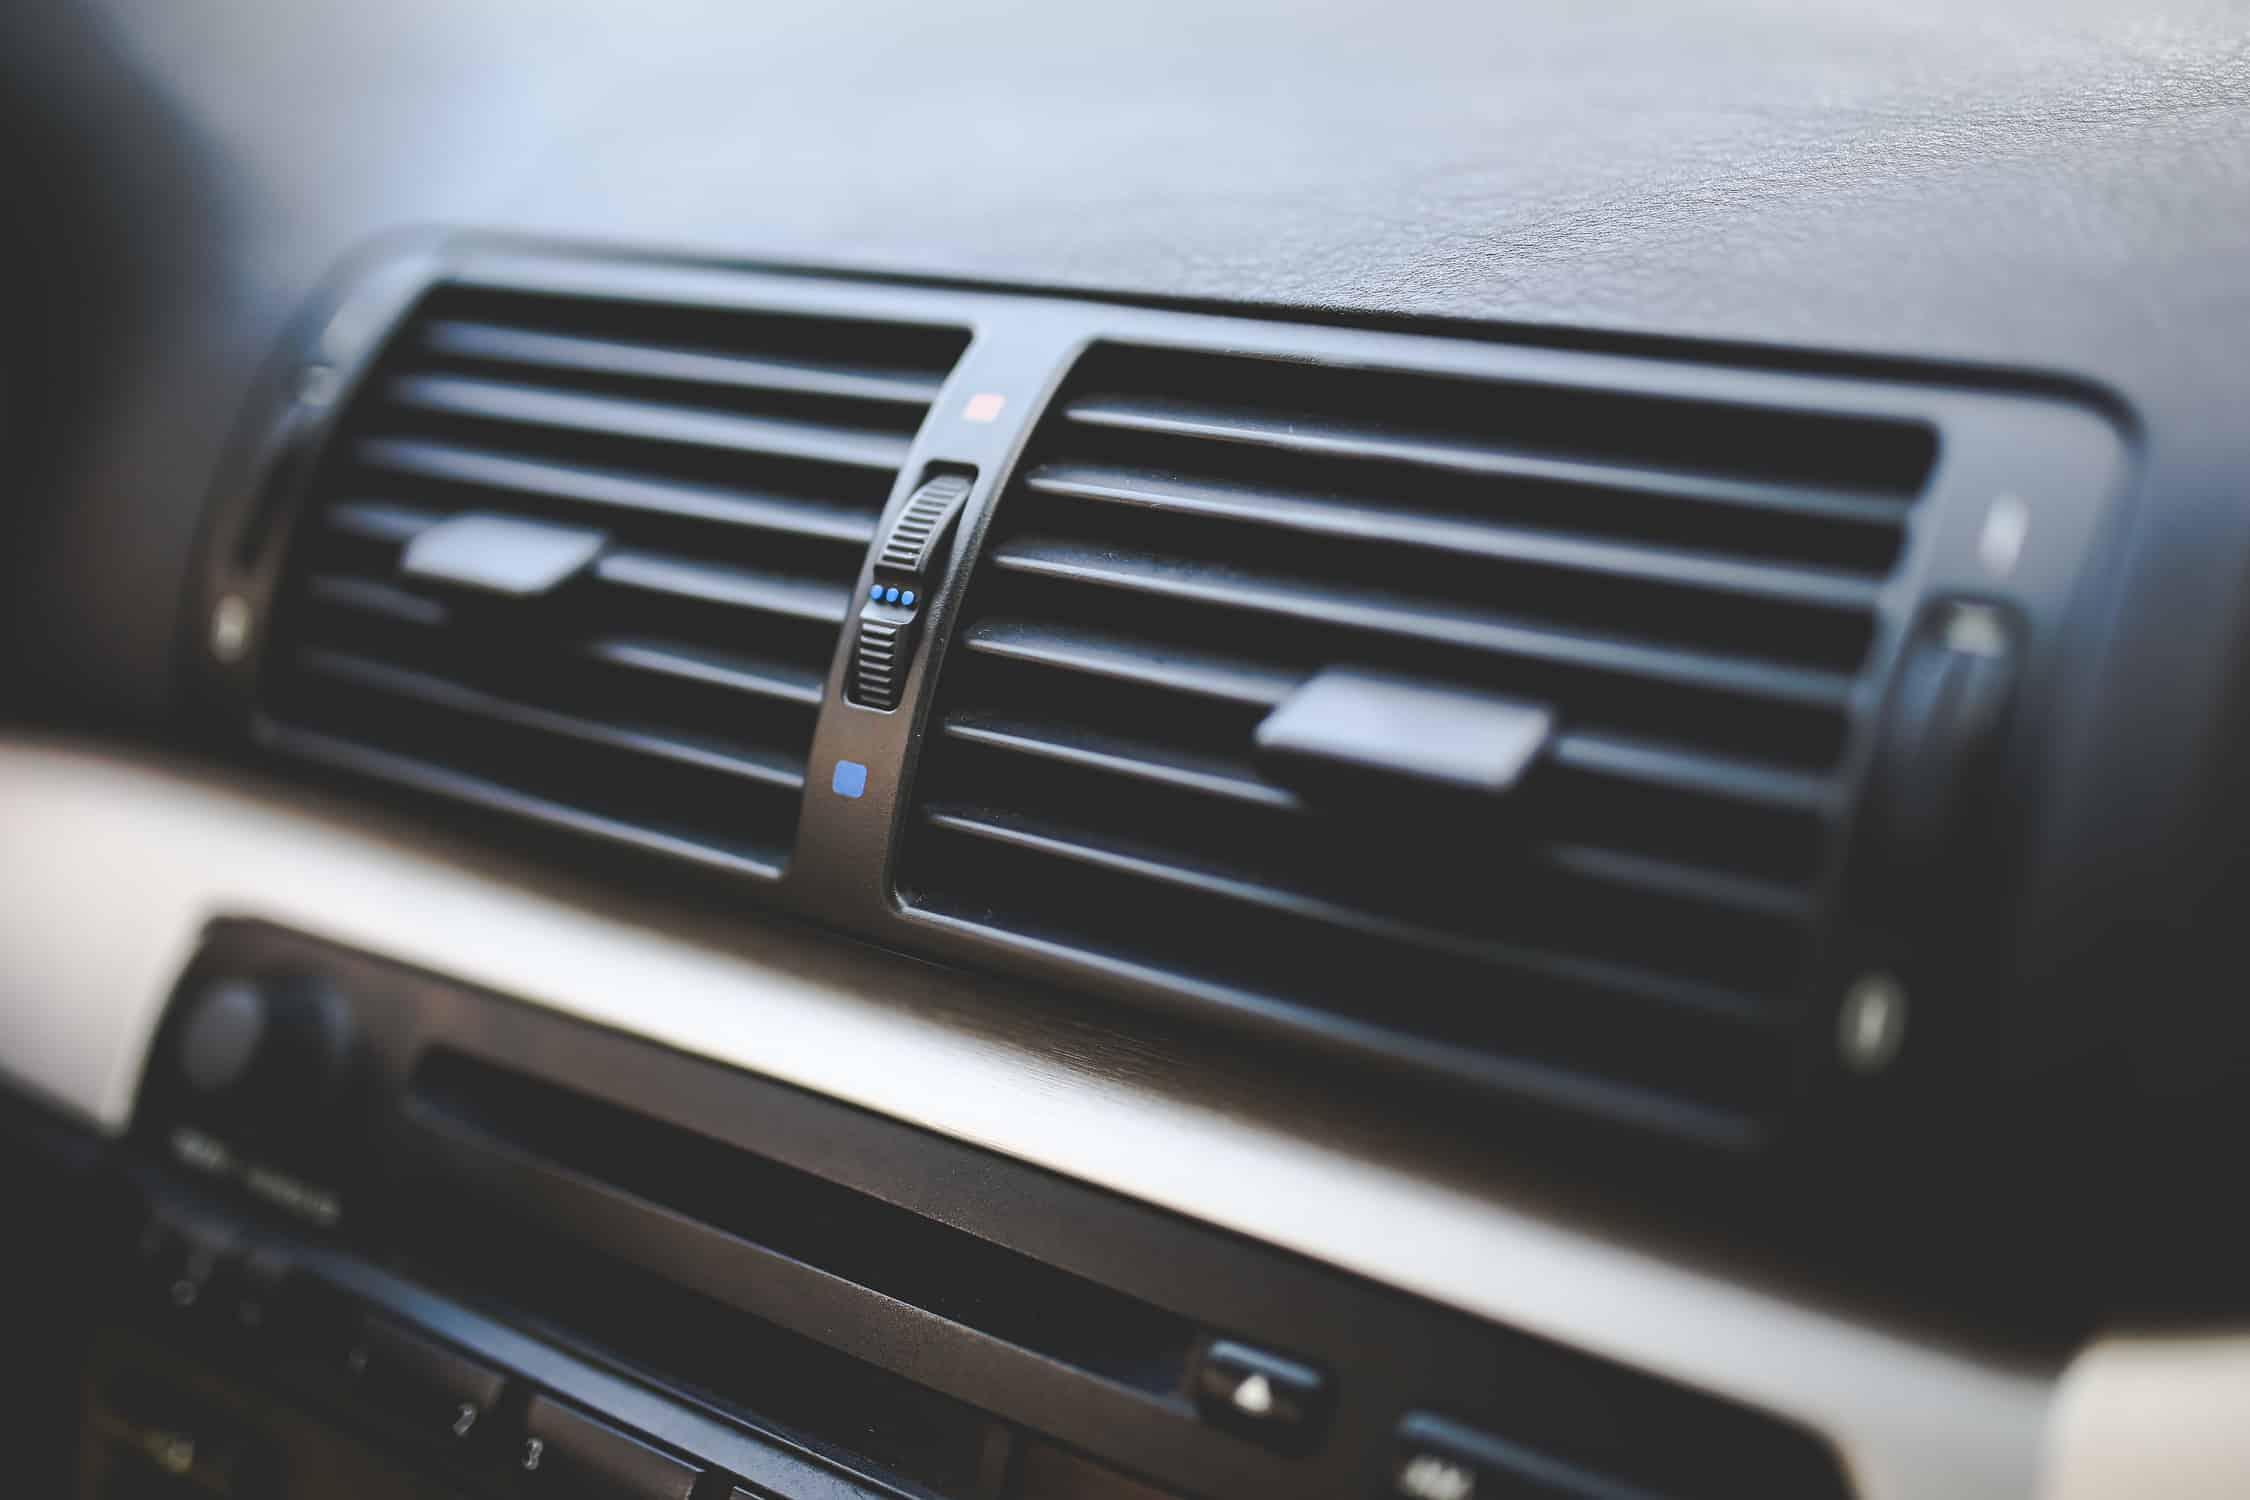 Hűsítő felfrissülés – Tuti, hogy jó a légkondi a szervezetednek?